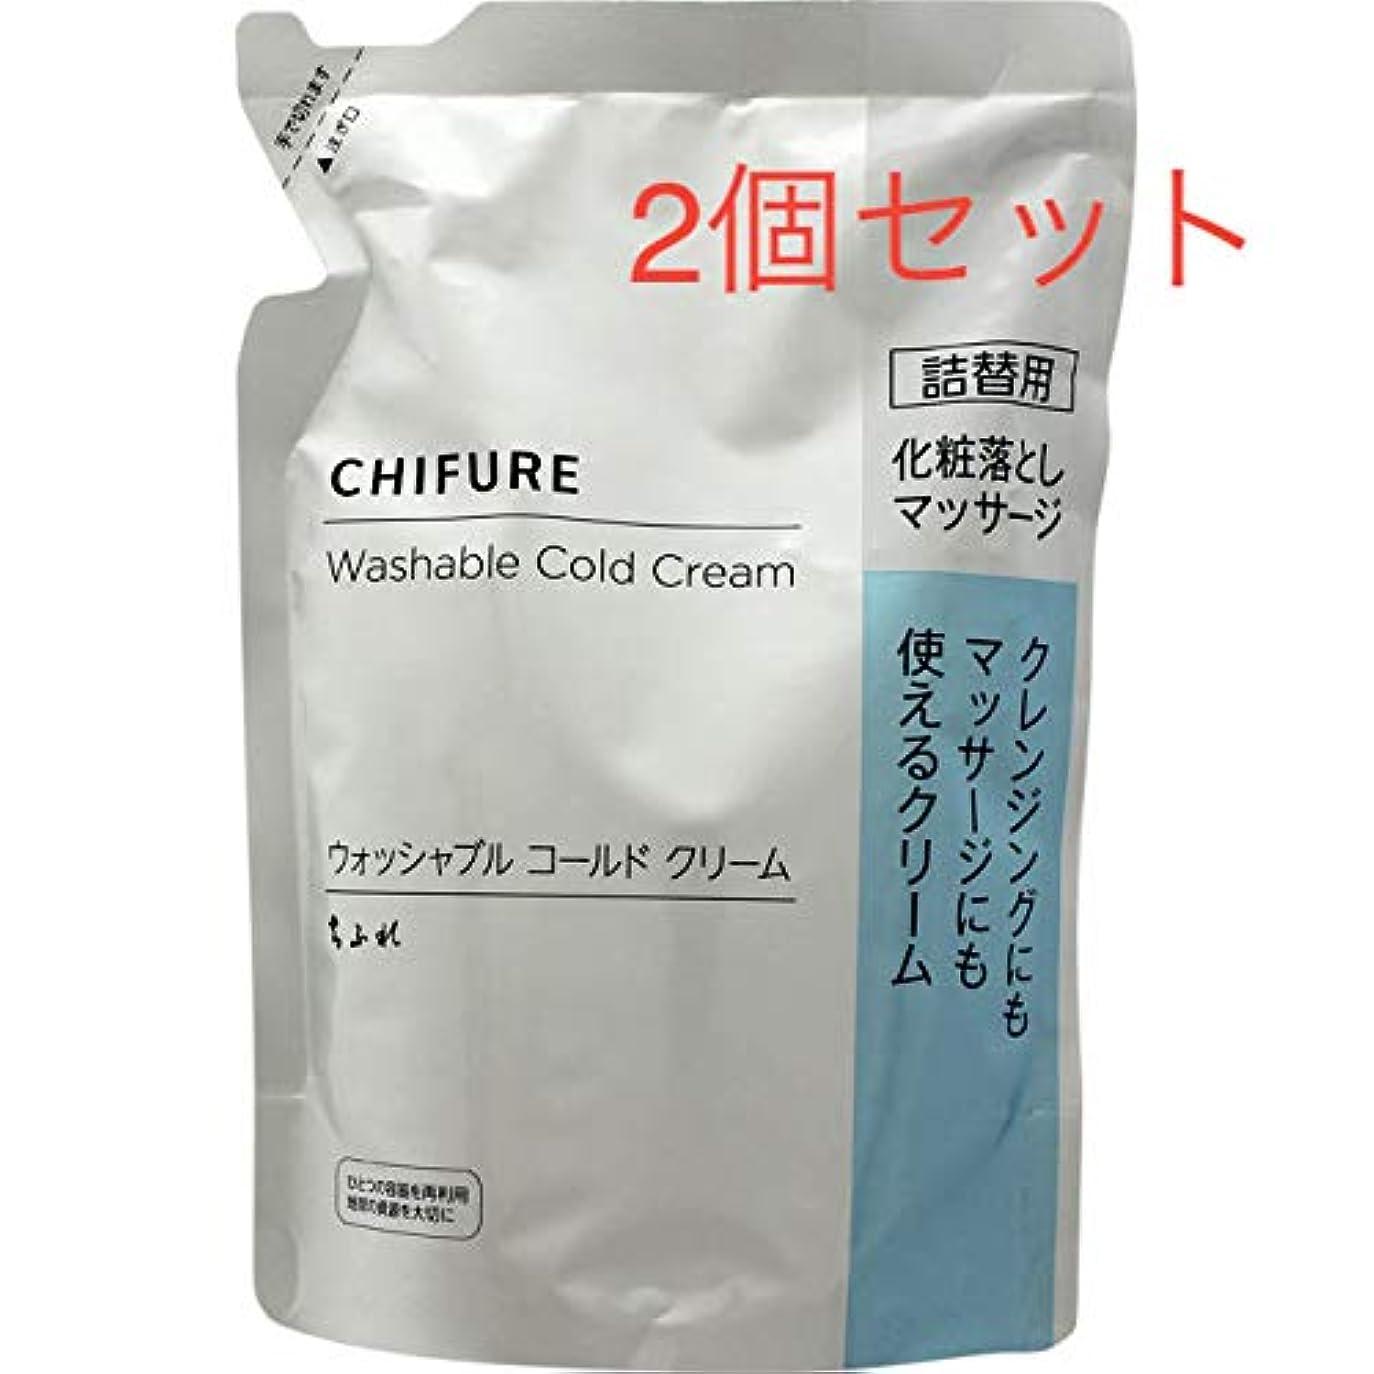 反発するフライカイト聴くちふれ化粧品 ウォッシャブルコールドクリームN詰替 300g 2個セット